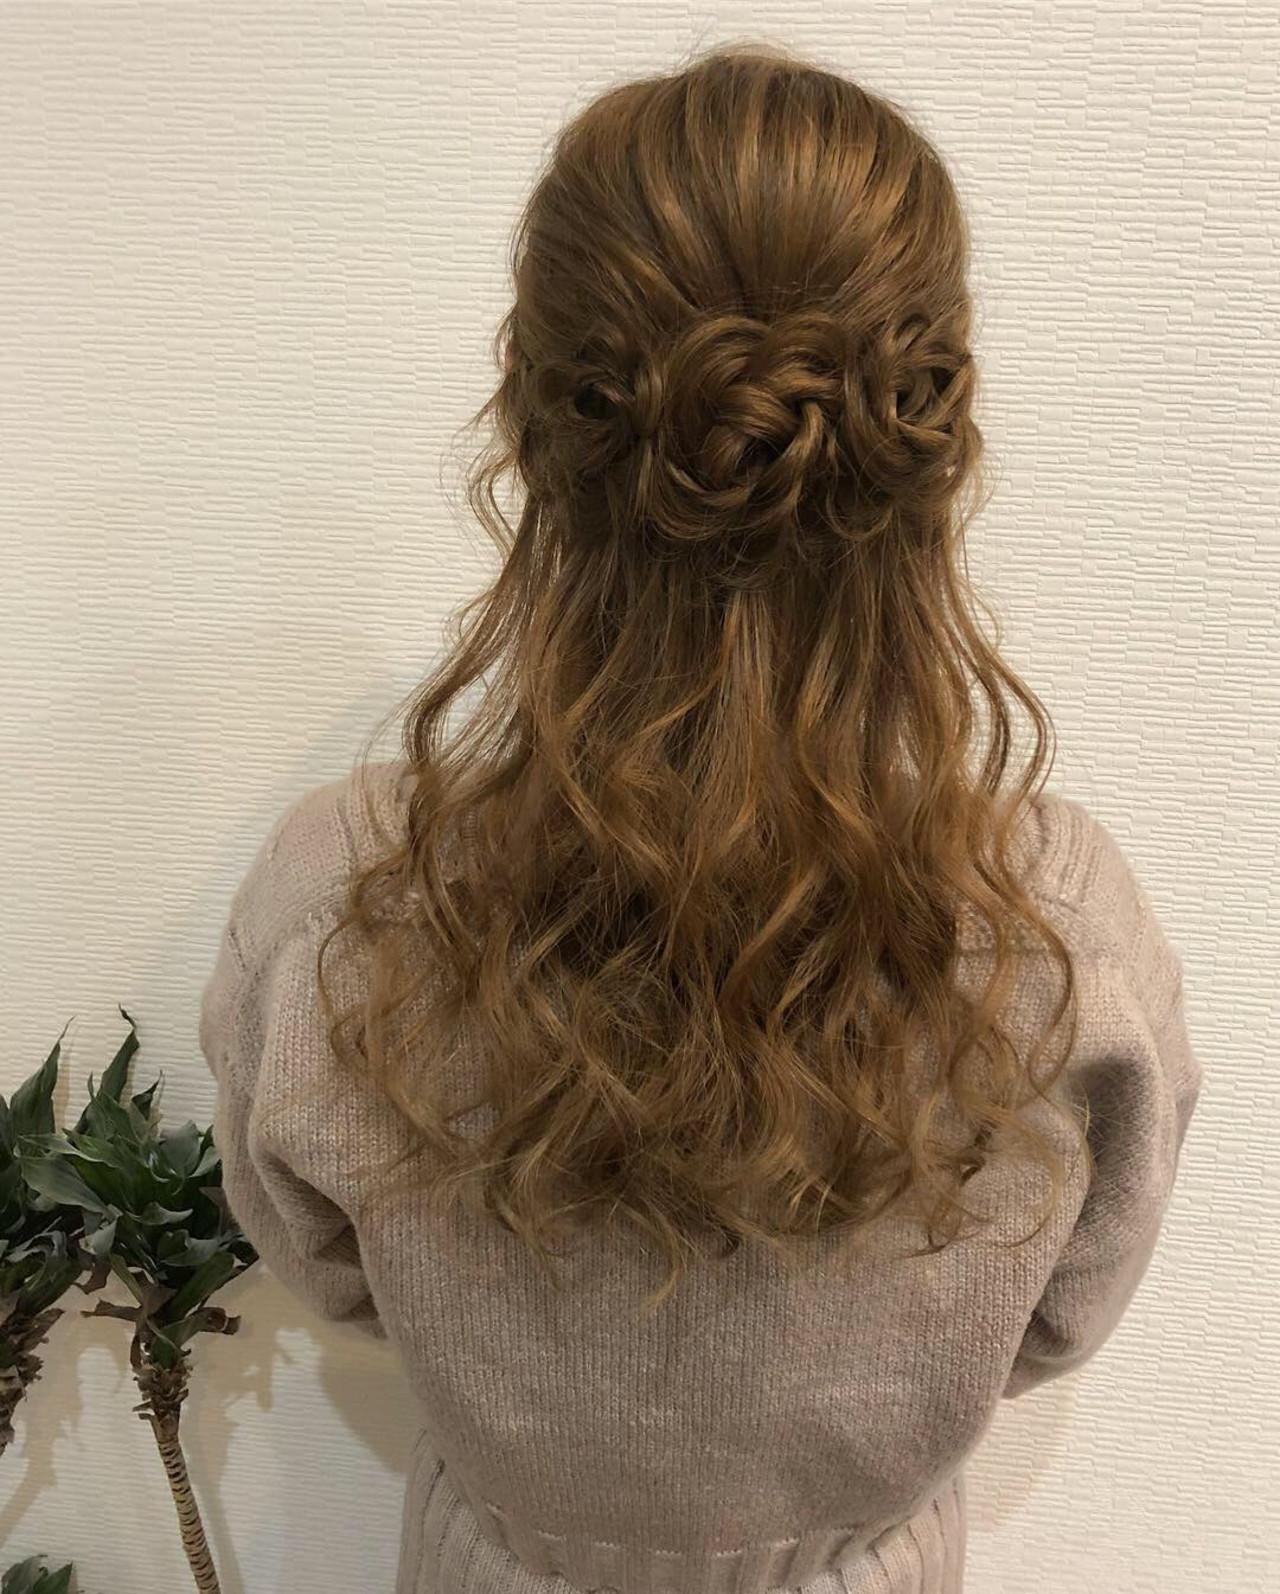 お花ヘア ロング ヘアアレンジ 編み込み ヘアスタイルや髪型の写真・画像